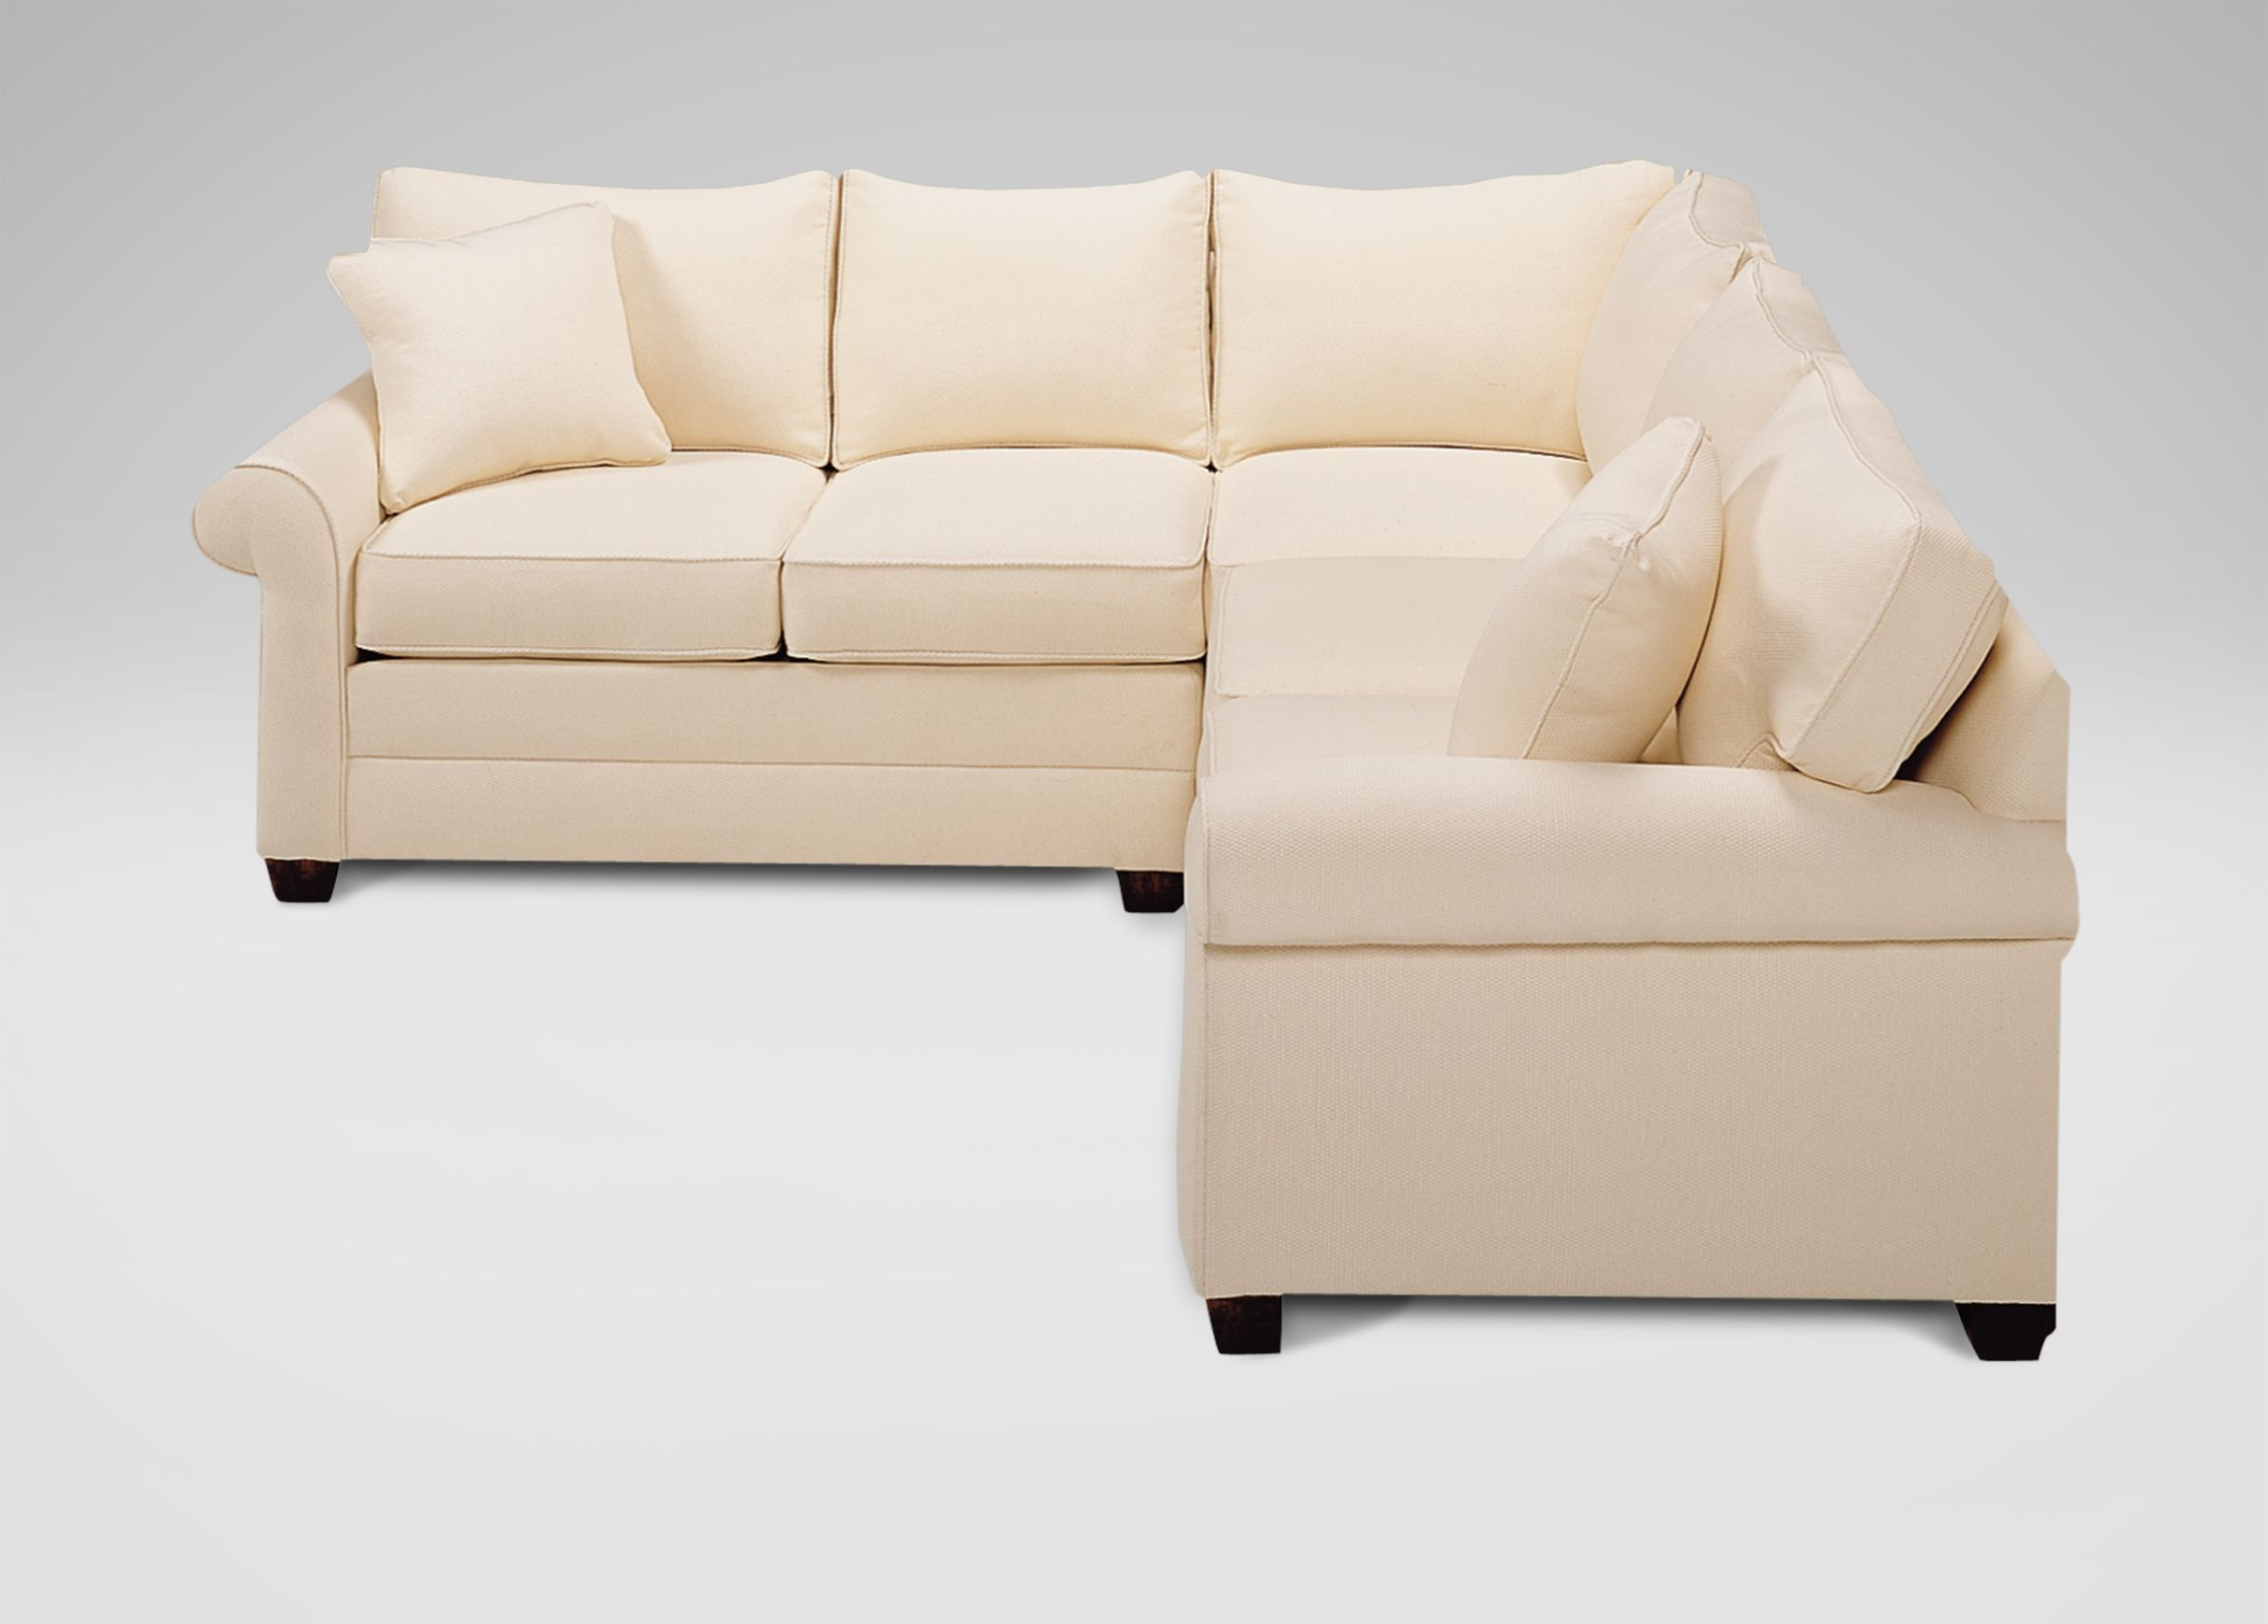 Ethan Allen Bennett Sectional Sofa